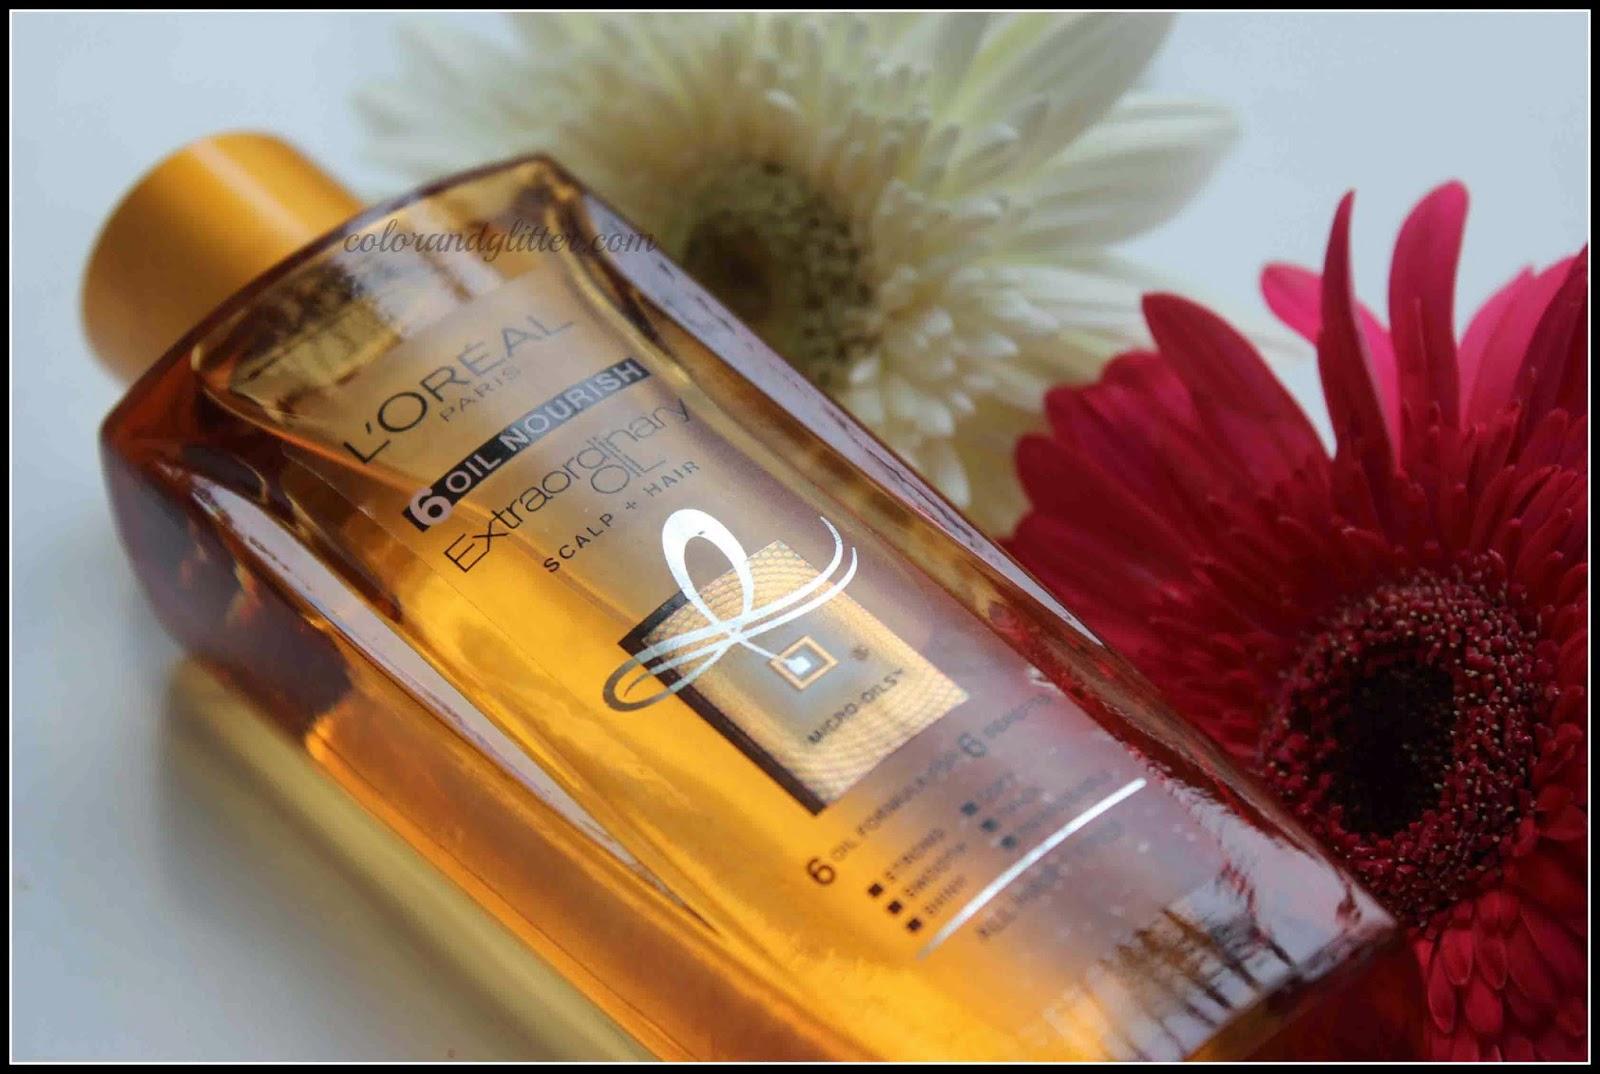 L'Oreal Paris 6 Oil Nourish Oil || Review